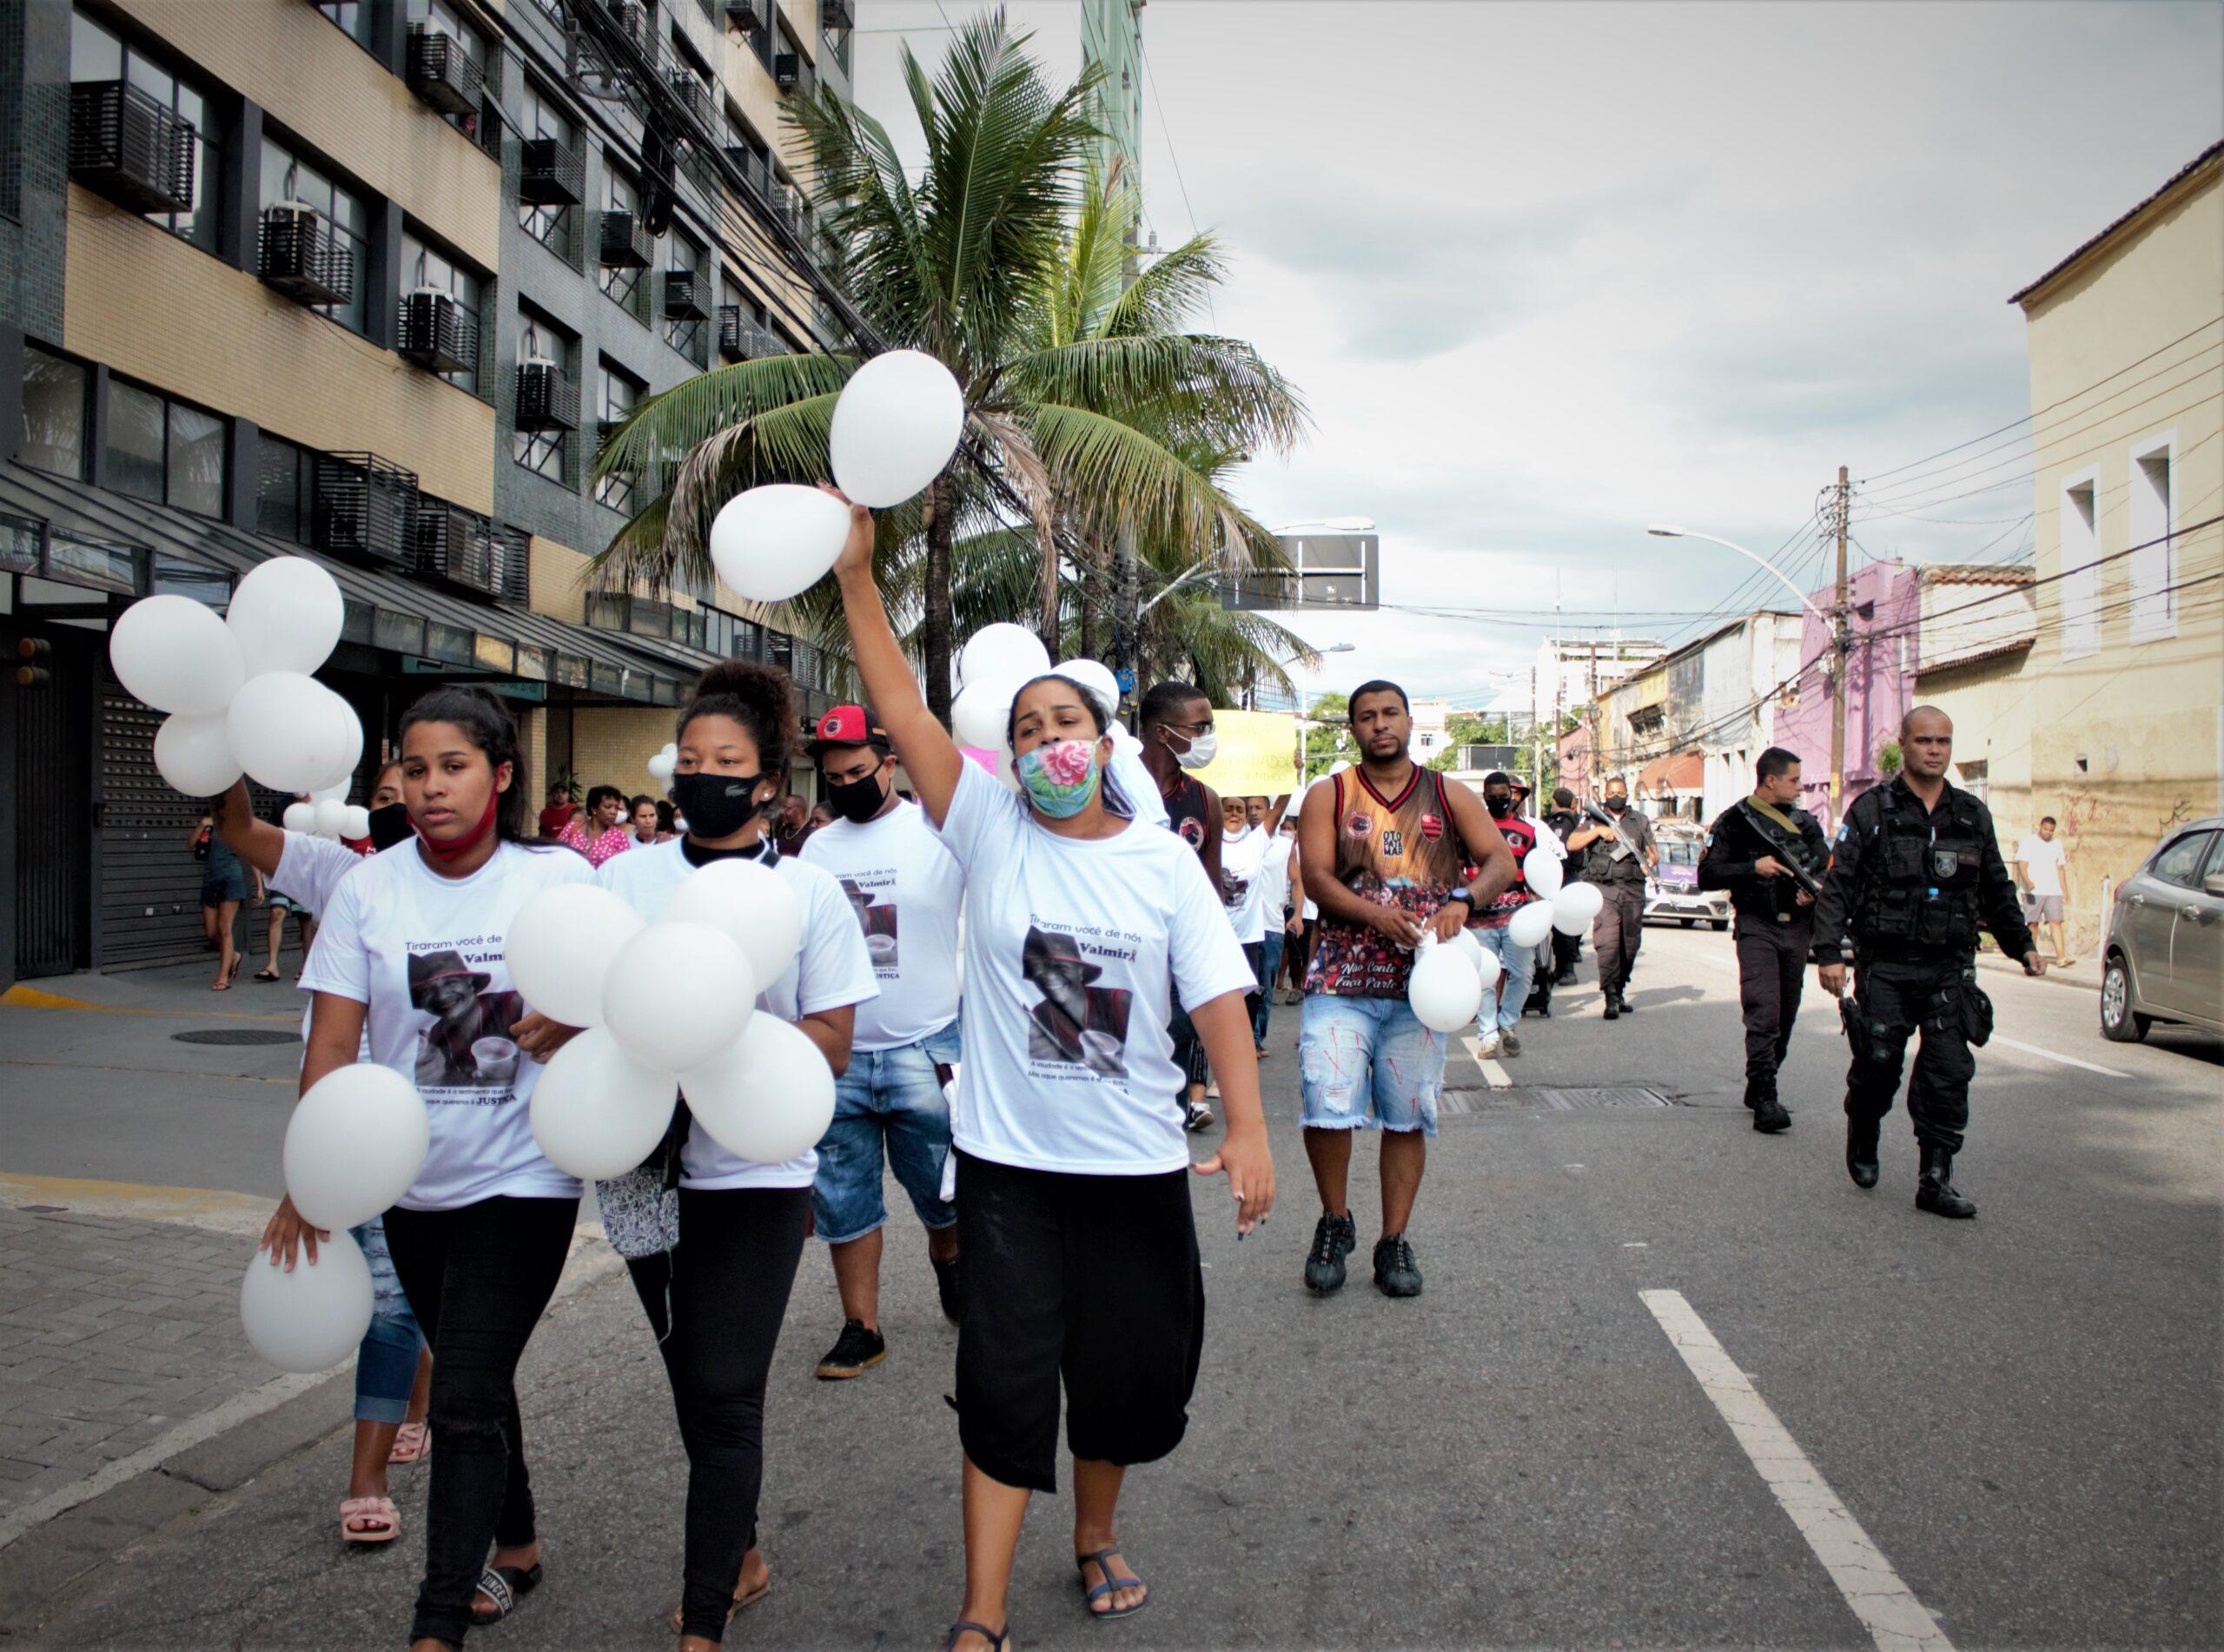 Manifestação pacífica pede justiça pela morte de morador no Morro dos Macacos